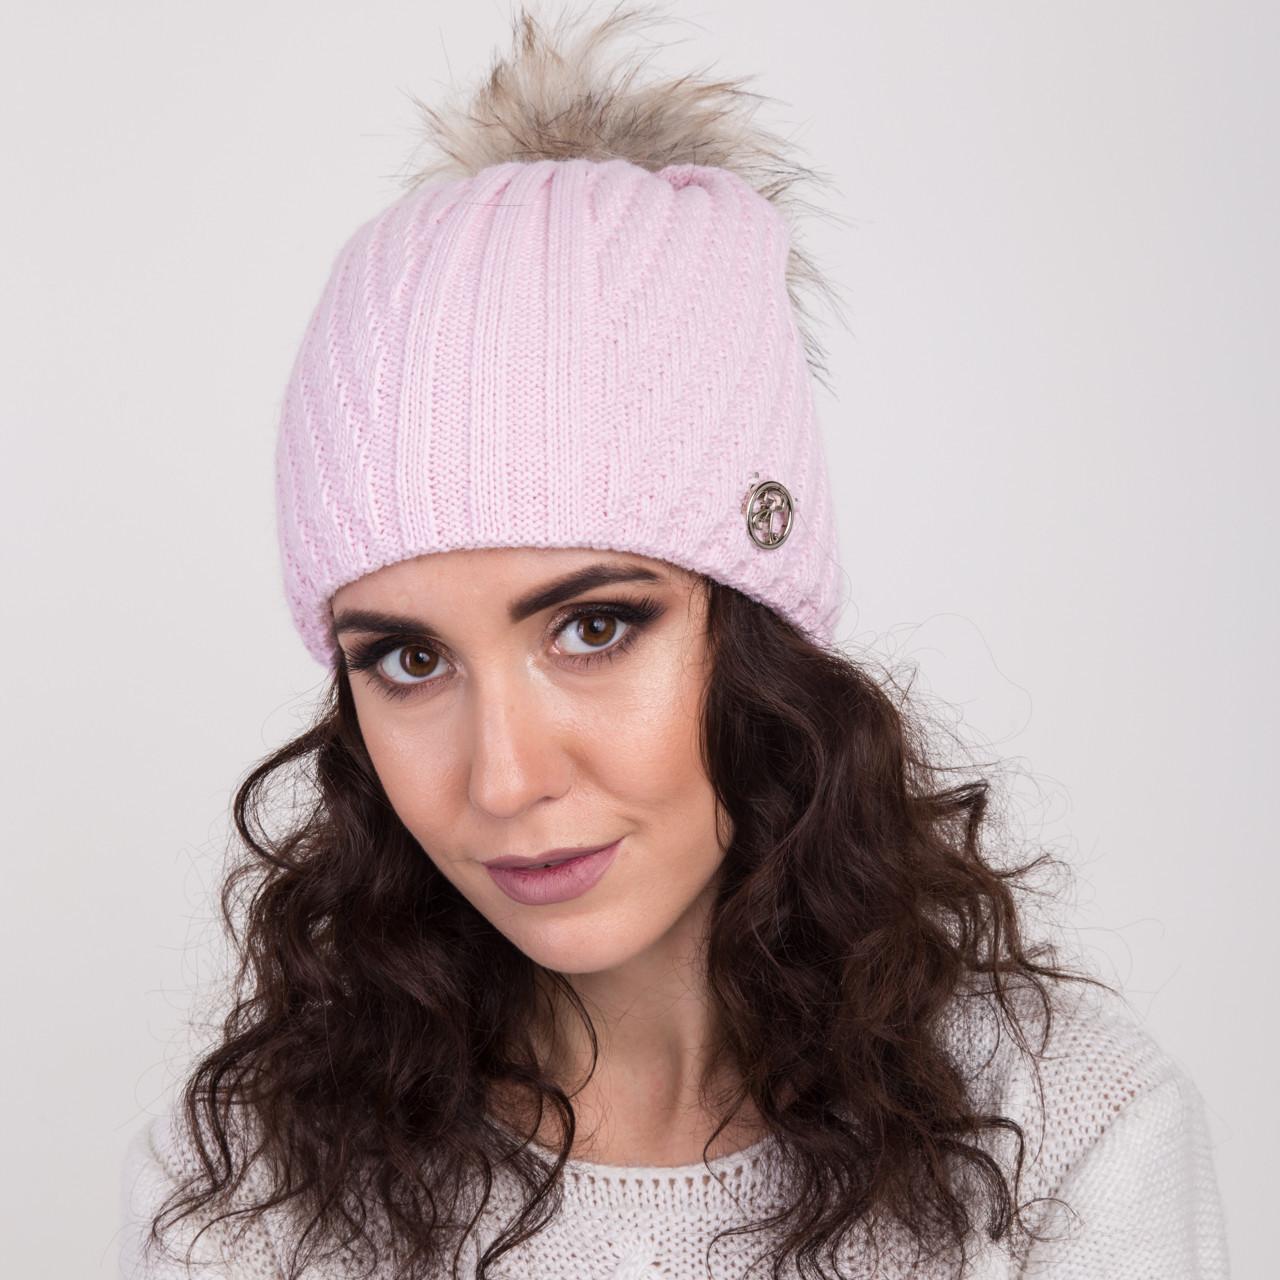 Женская вязанная шапка с меховым помпоном - зима 2018 - Арт 2148 (розовый)